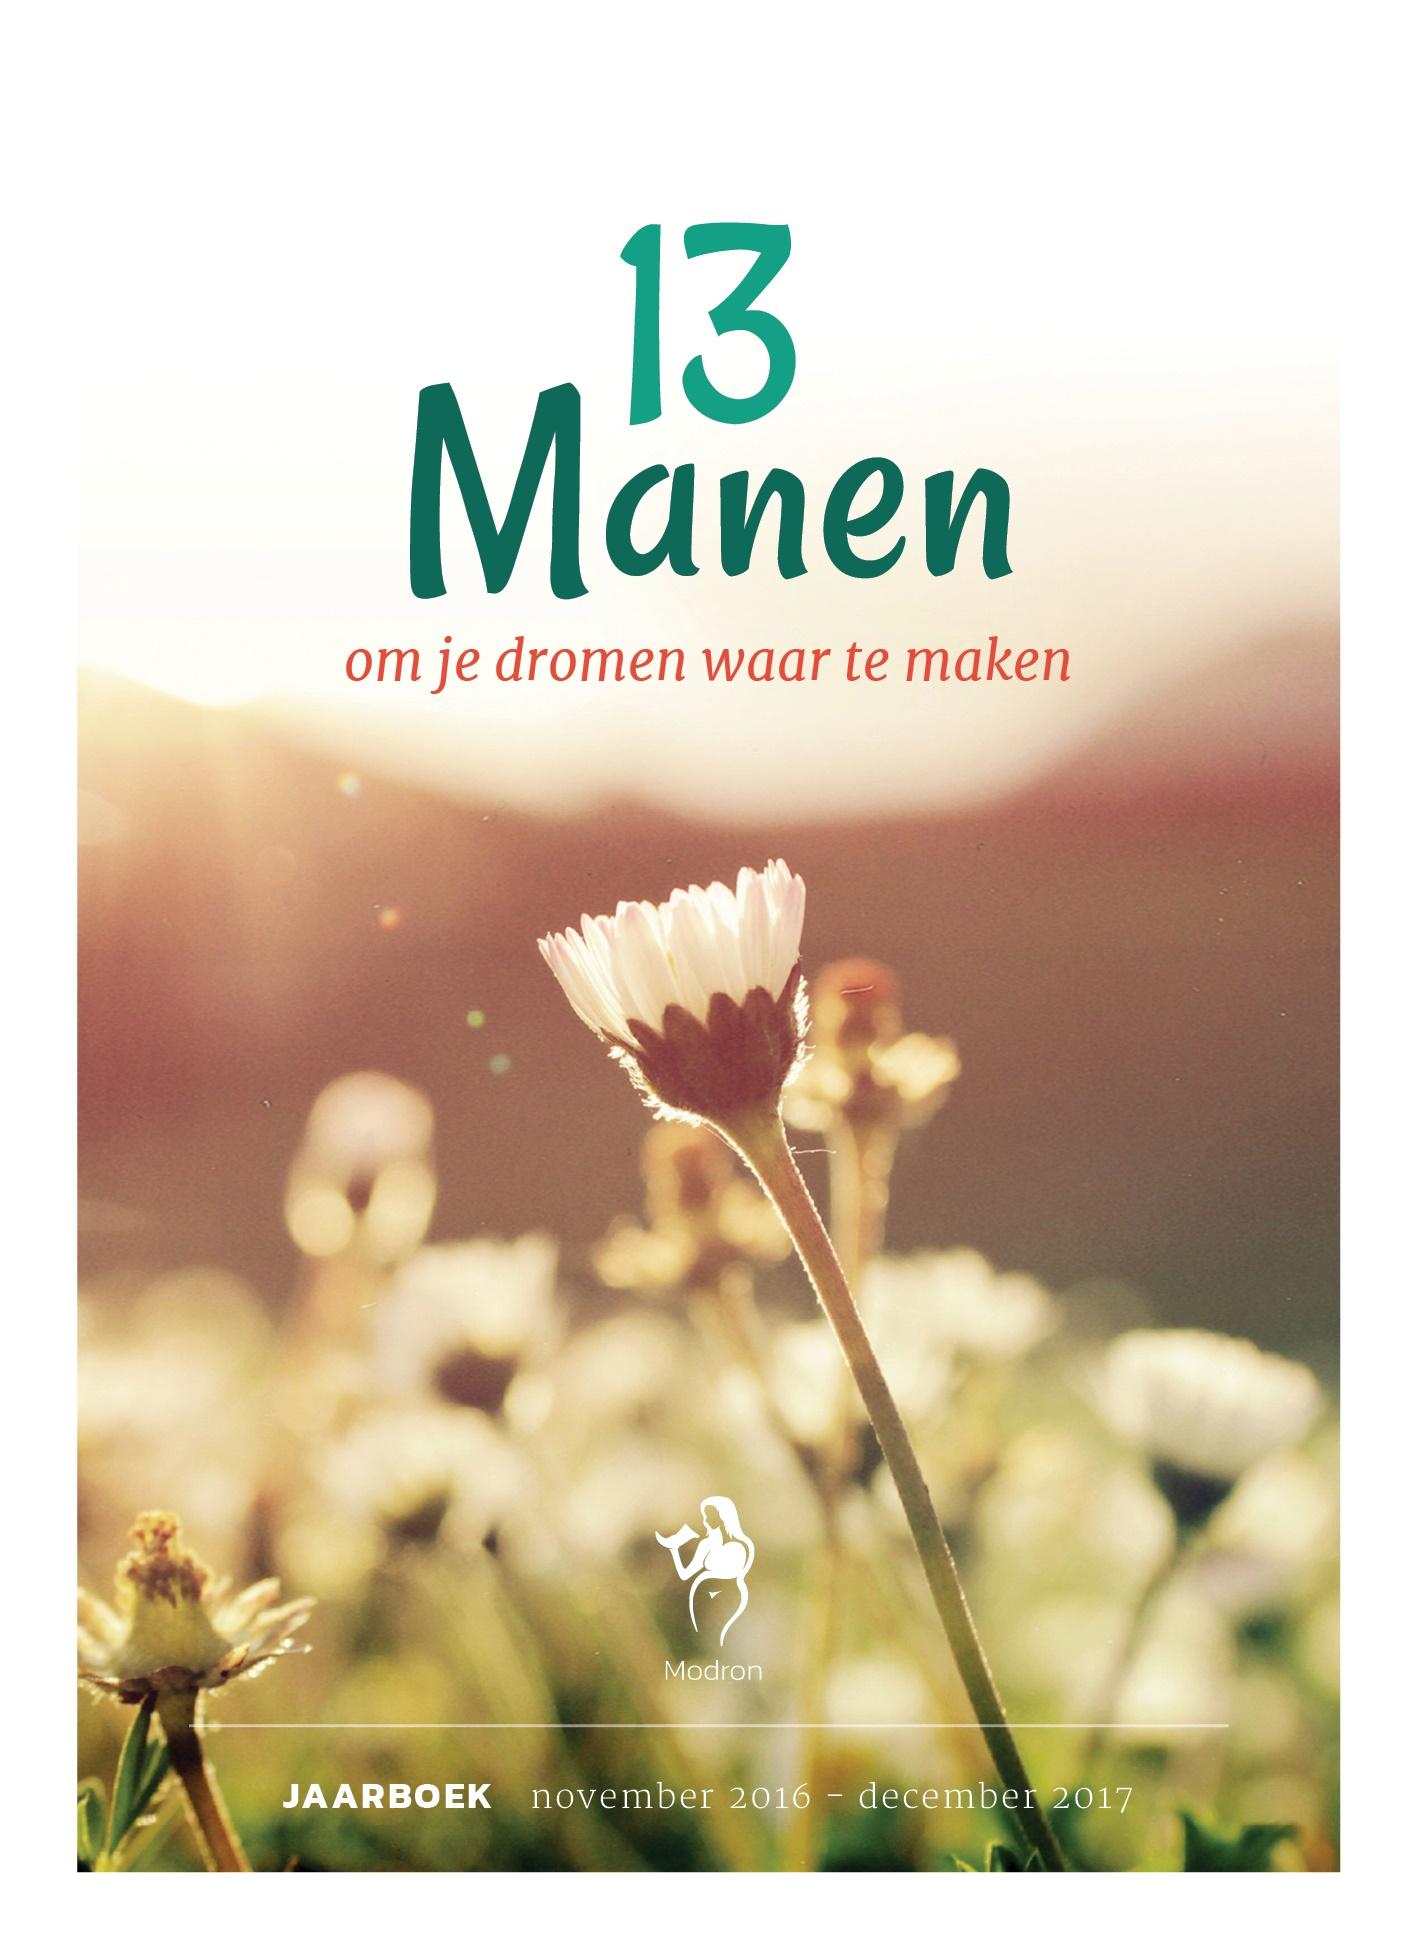 Modron Jaarboek 2017